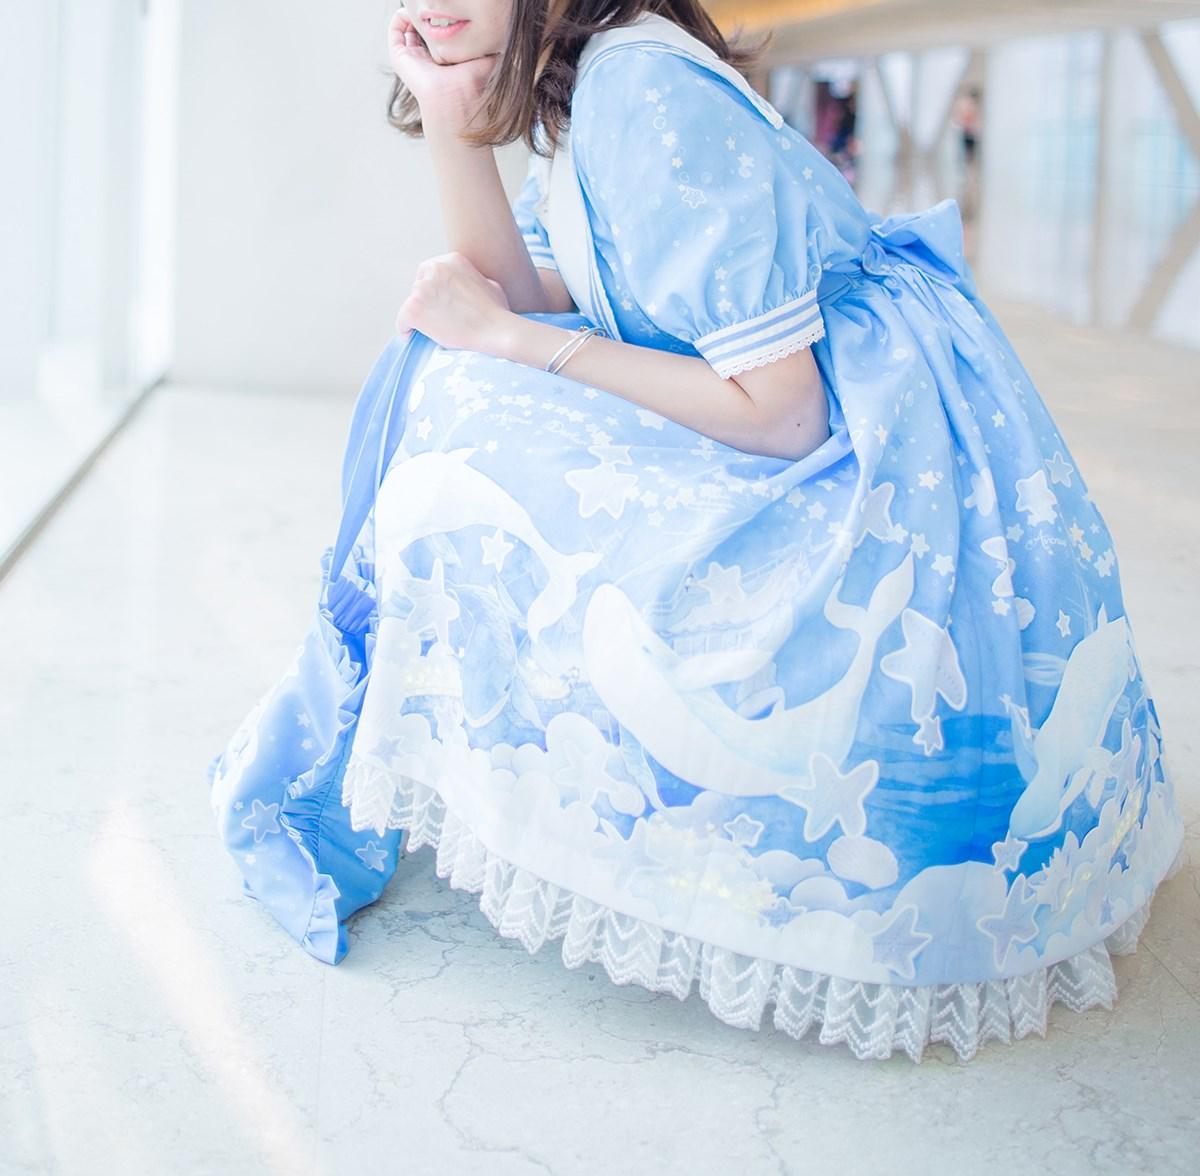 【兔玩映画】蓝色的LO娘 兔玩映画 第22张